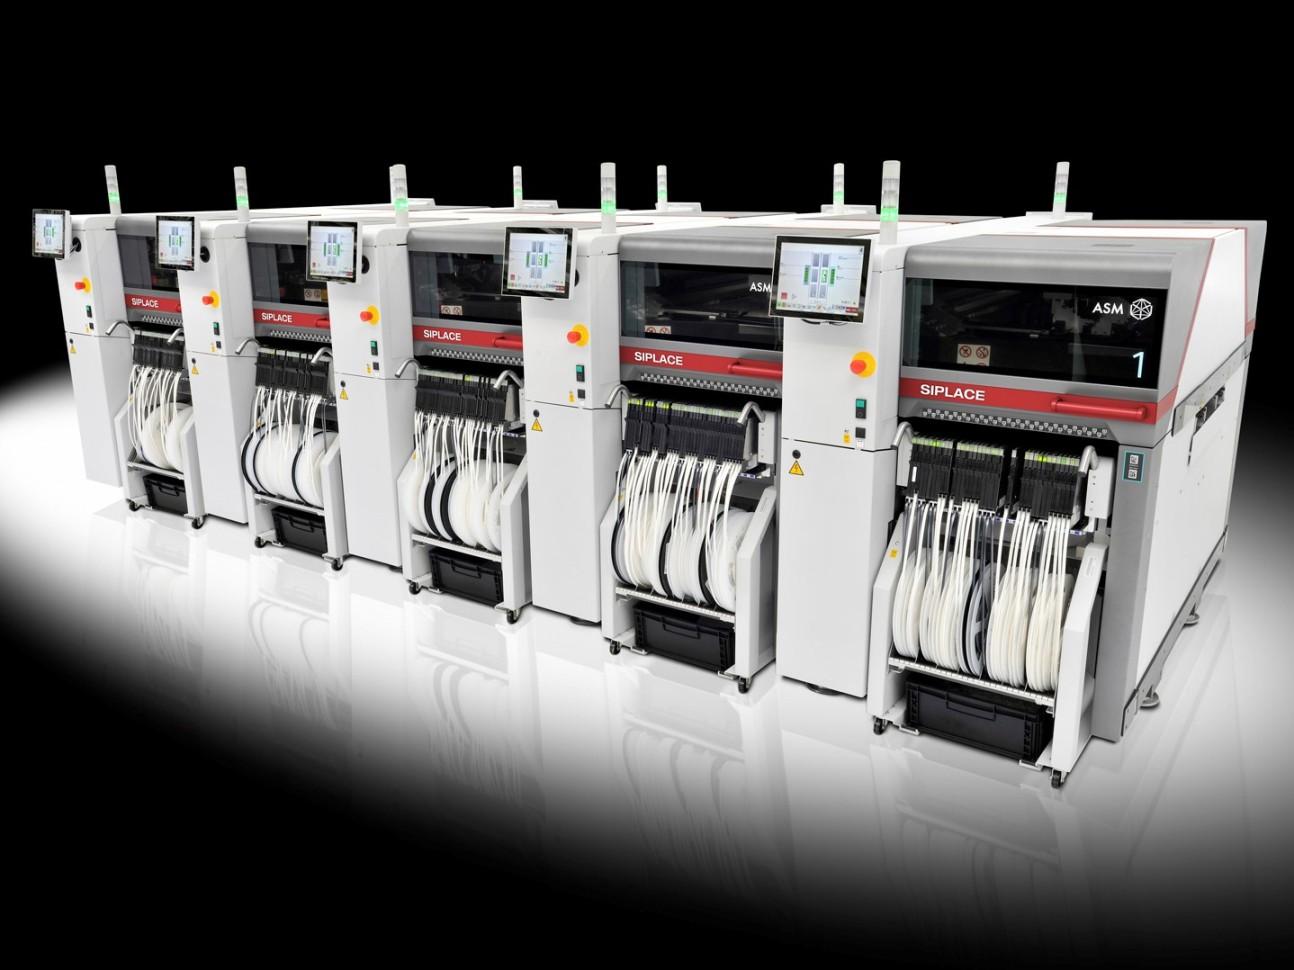 SIPLACE TX系列: 更快、更小、更先进——新型高端贴装解决方案